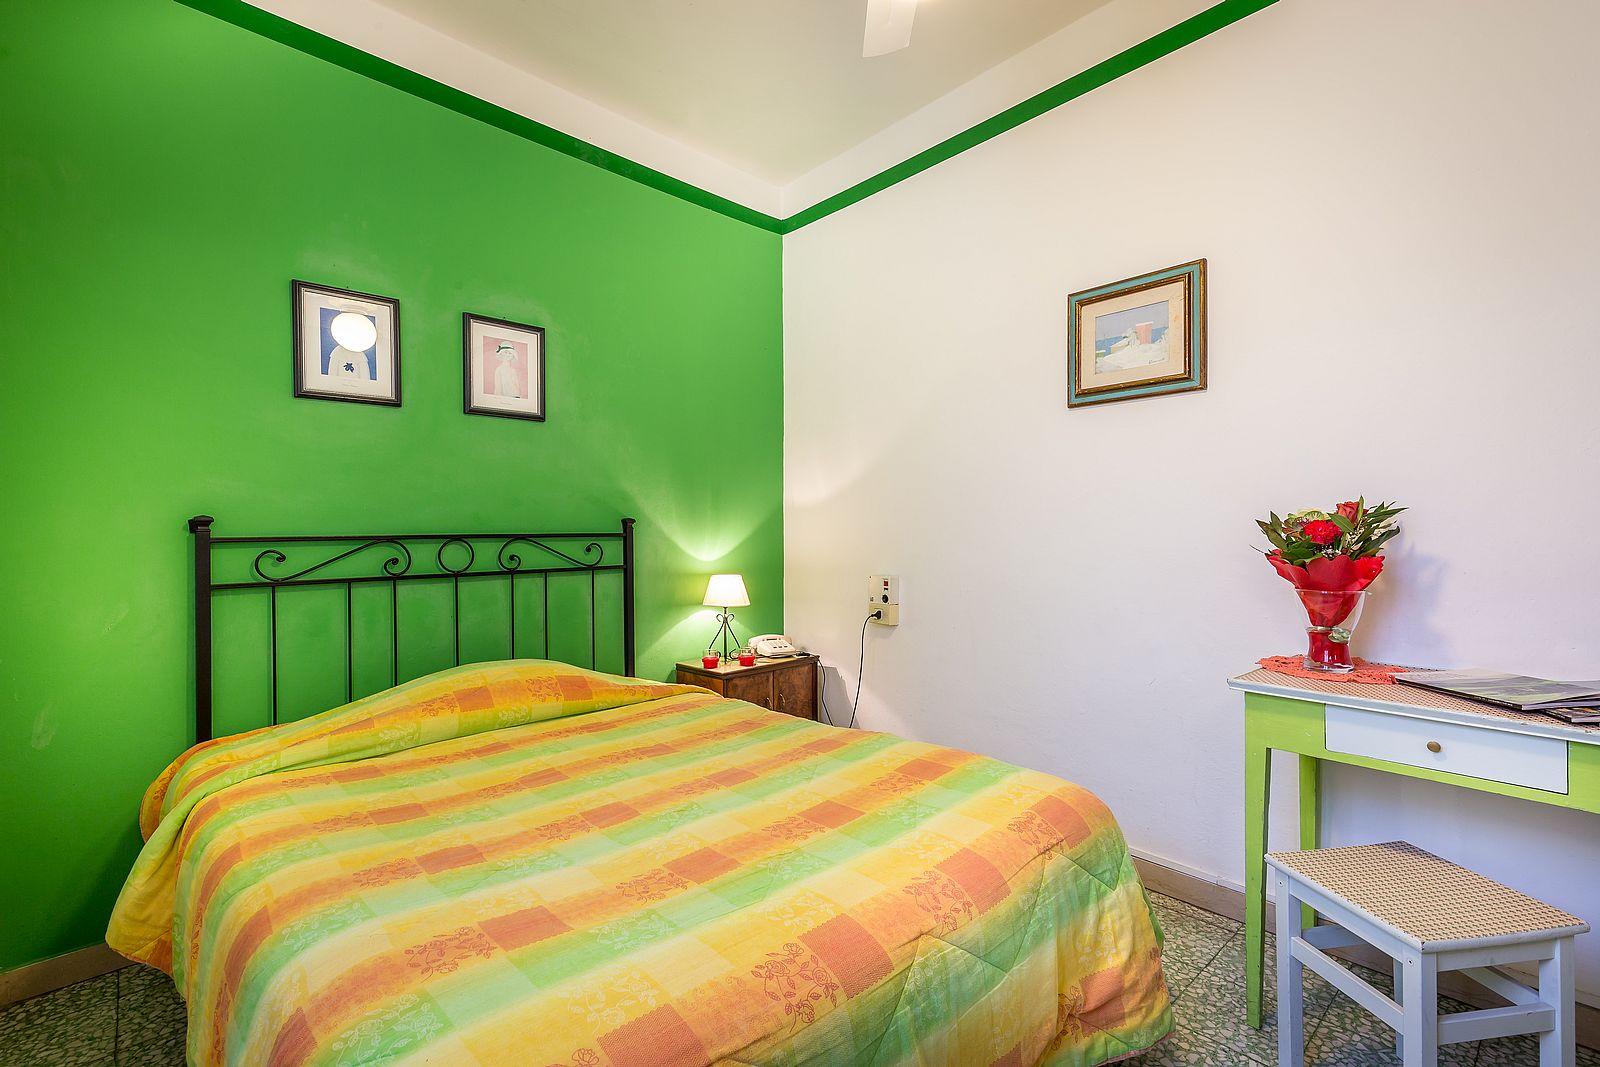 Ferretti E Ferretti Camere Da Letto.Hotel Pensione Ferretti Firenze Scopri Le Nostre Camere